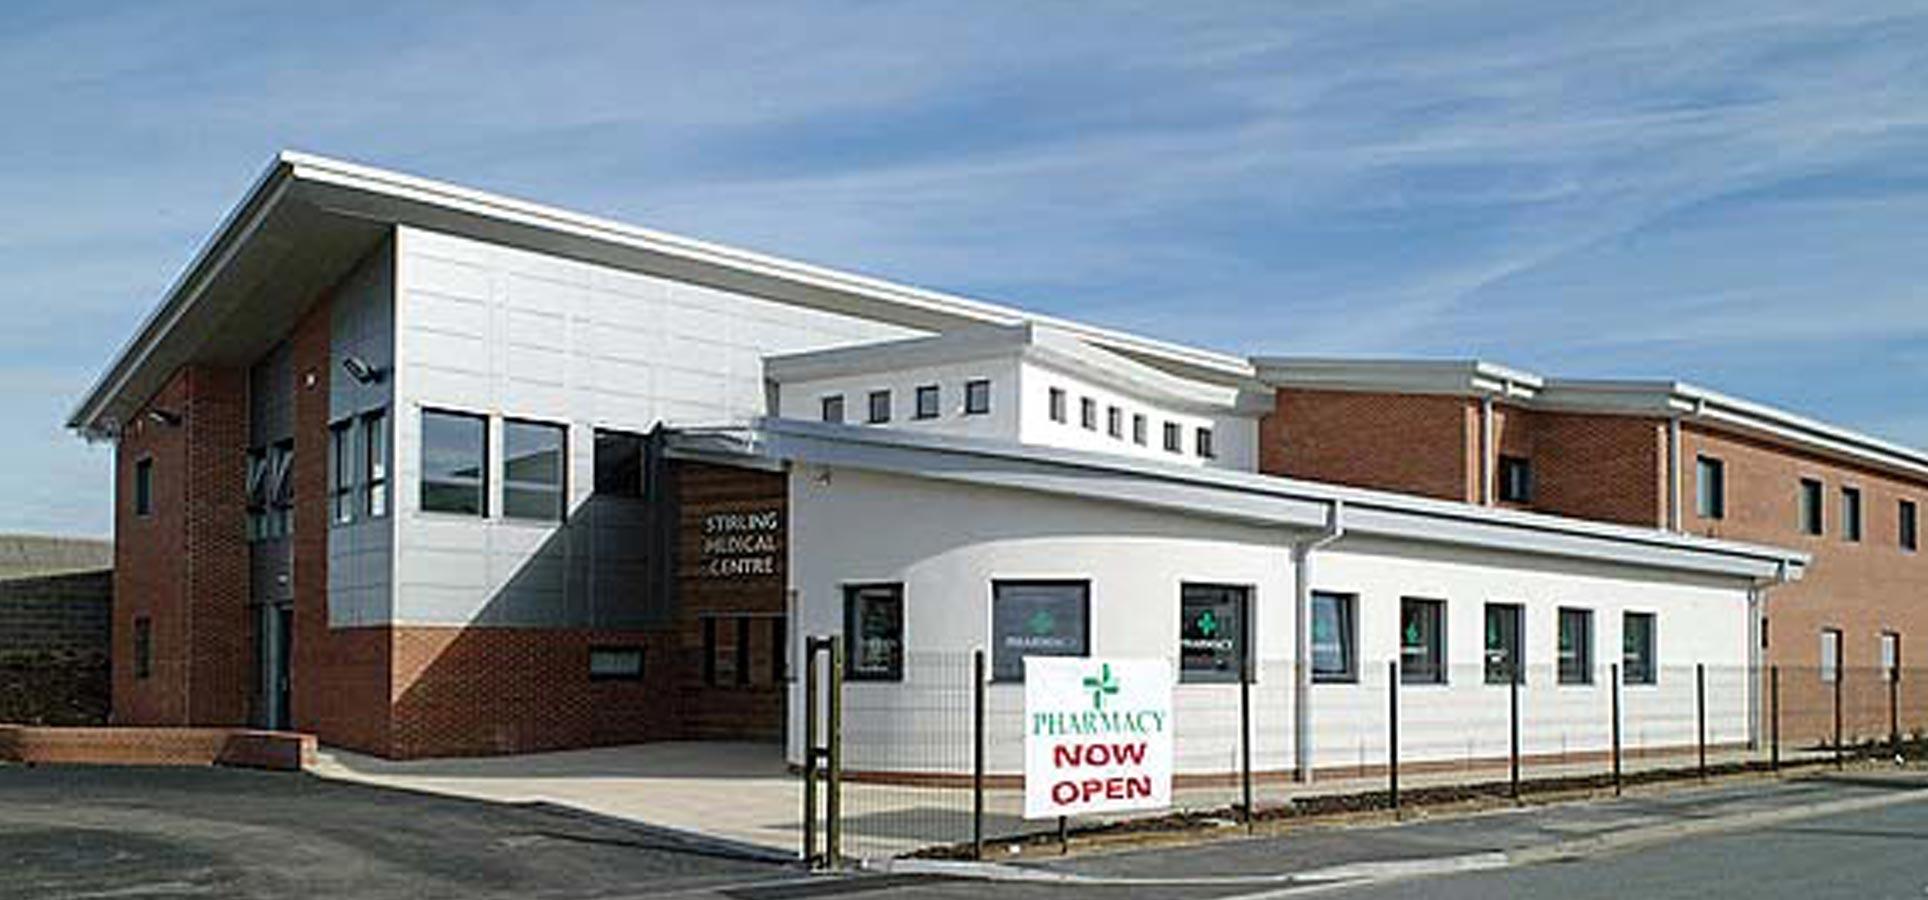 Stirling St Medical CTR, Jessops Construction Ltd